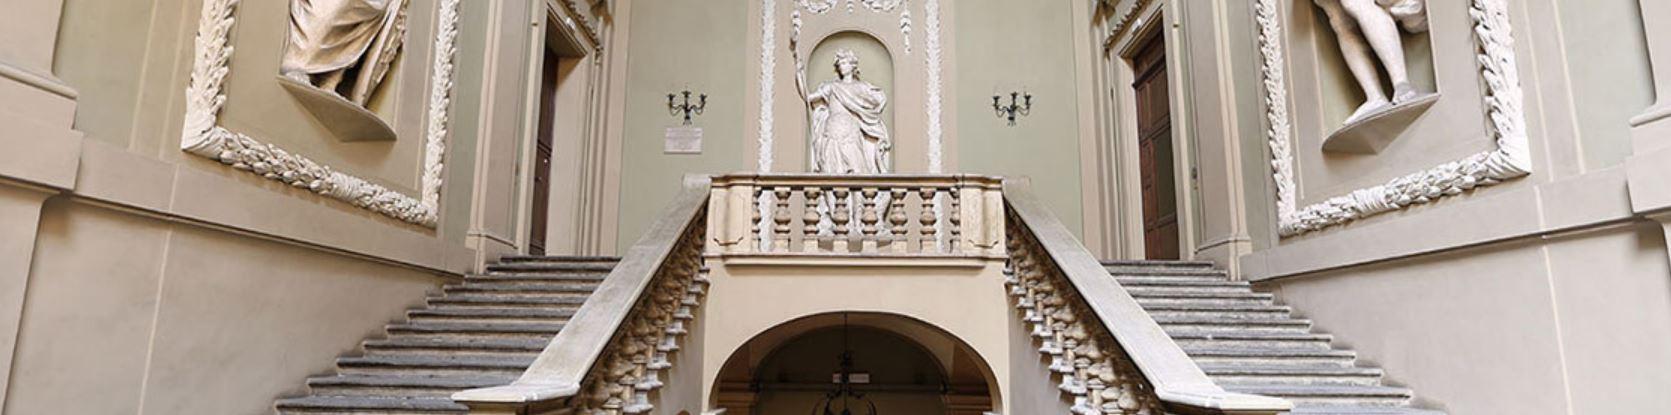 Set-Up si svolge nel Palazzo Pallavicini, in via San Felice 24, nel cuore della Bologna antica, a due passi dalle Due Torri e da Piazza Maggiore.